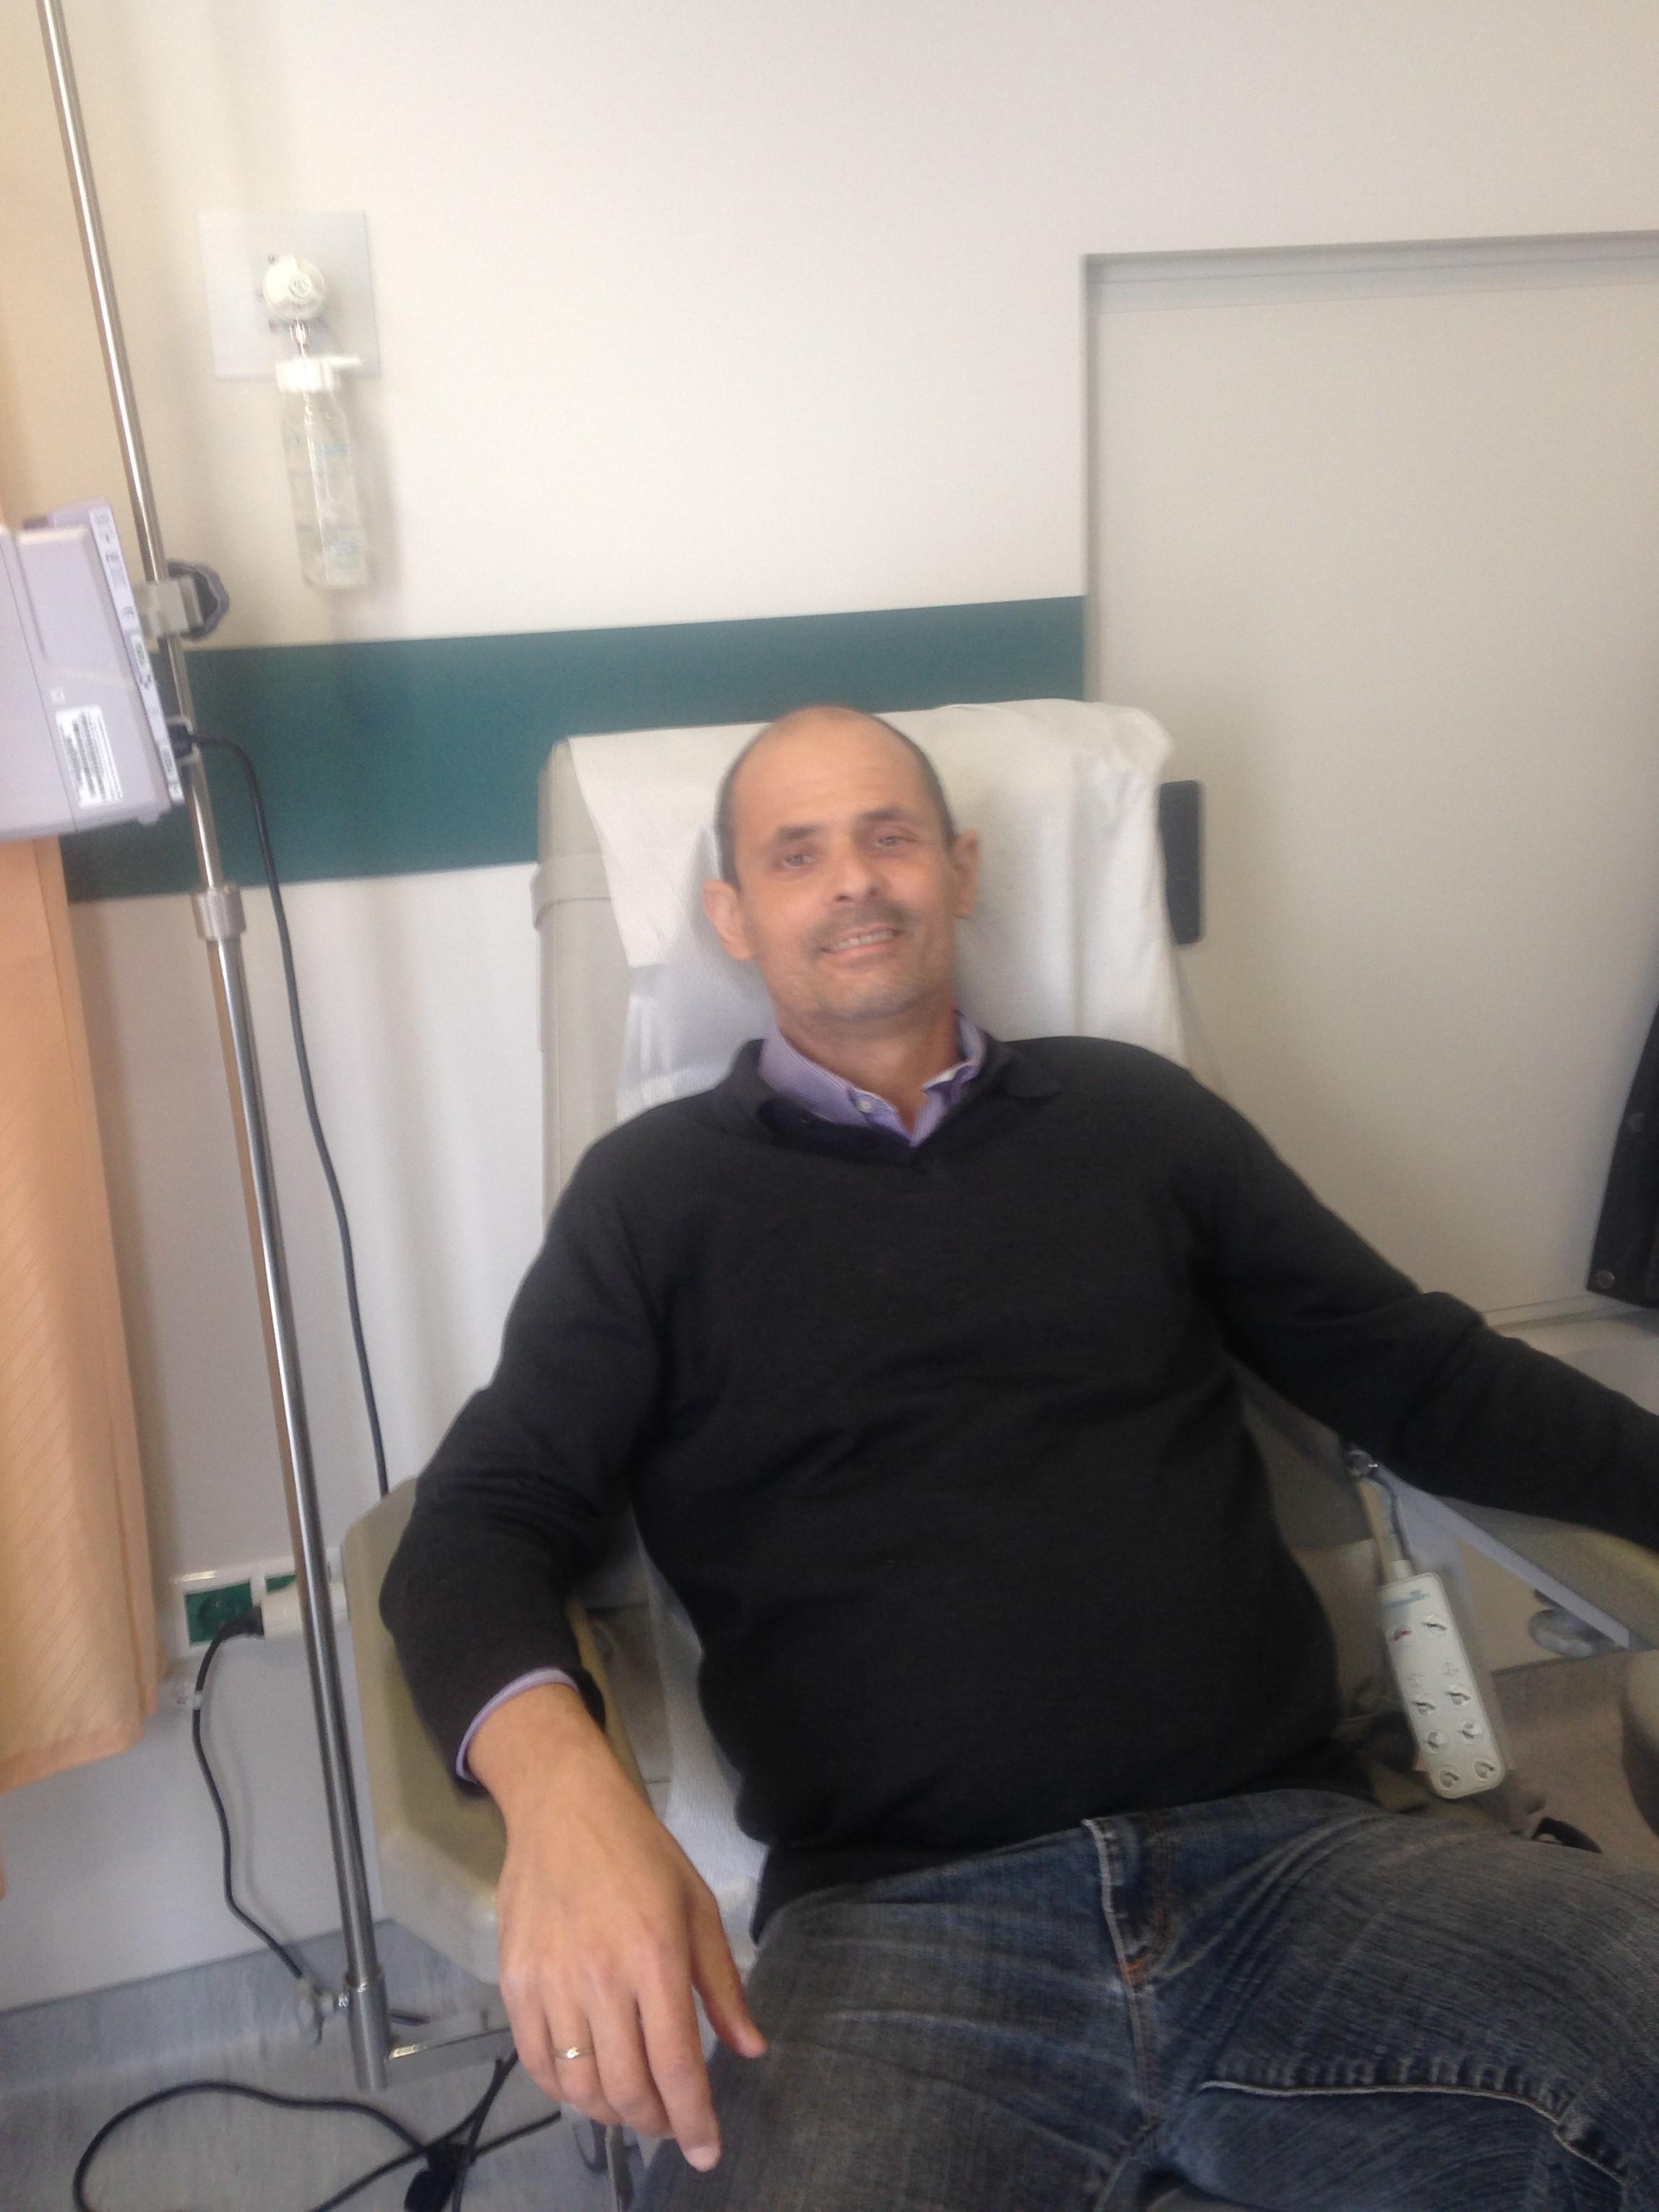 Όταν ο Δημήτρης έκανε τις θεραπείες του στο «Νίκος Κούρκουλος»